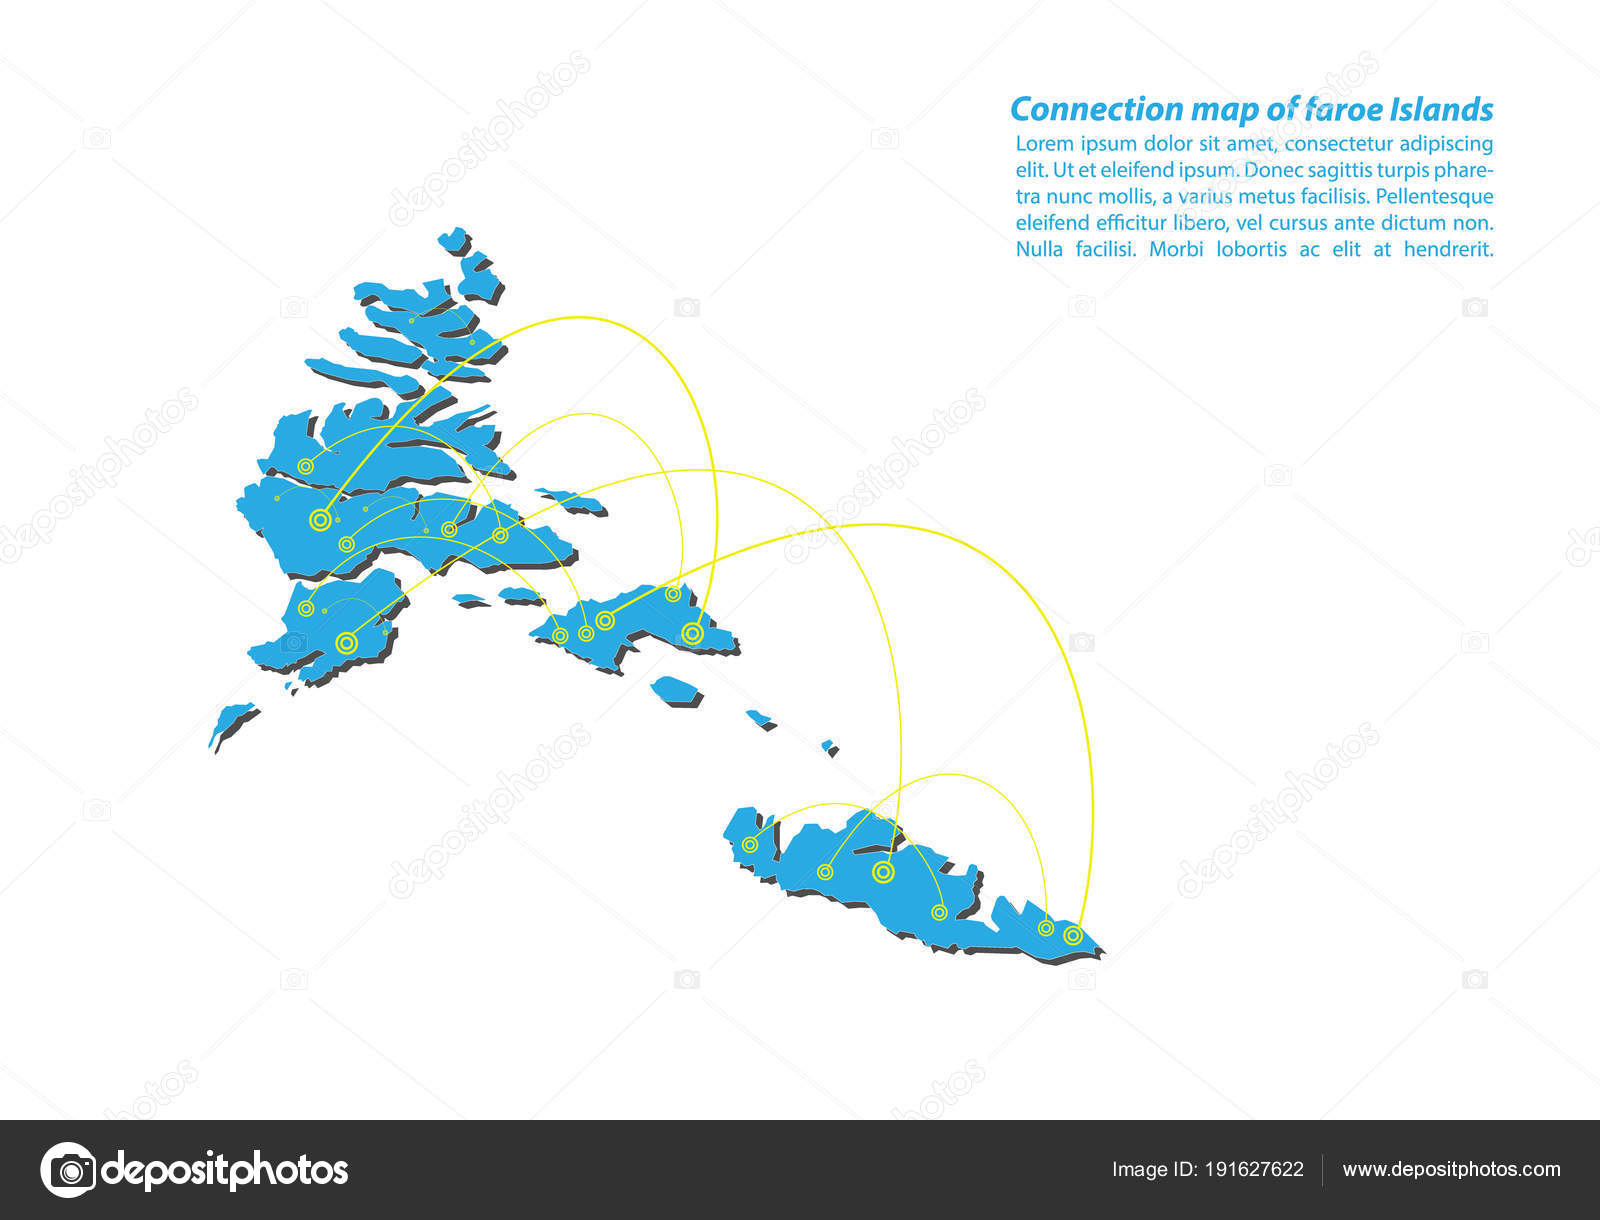 Färöer Inseln Karte.Moderne Der Färöer Inseln Karte Verbindungen Netzwerkdesign Beste